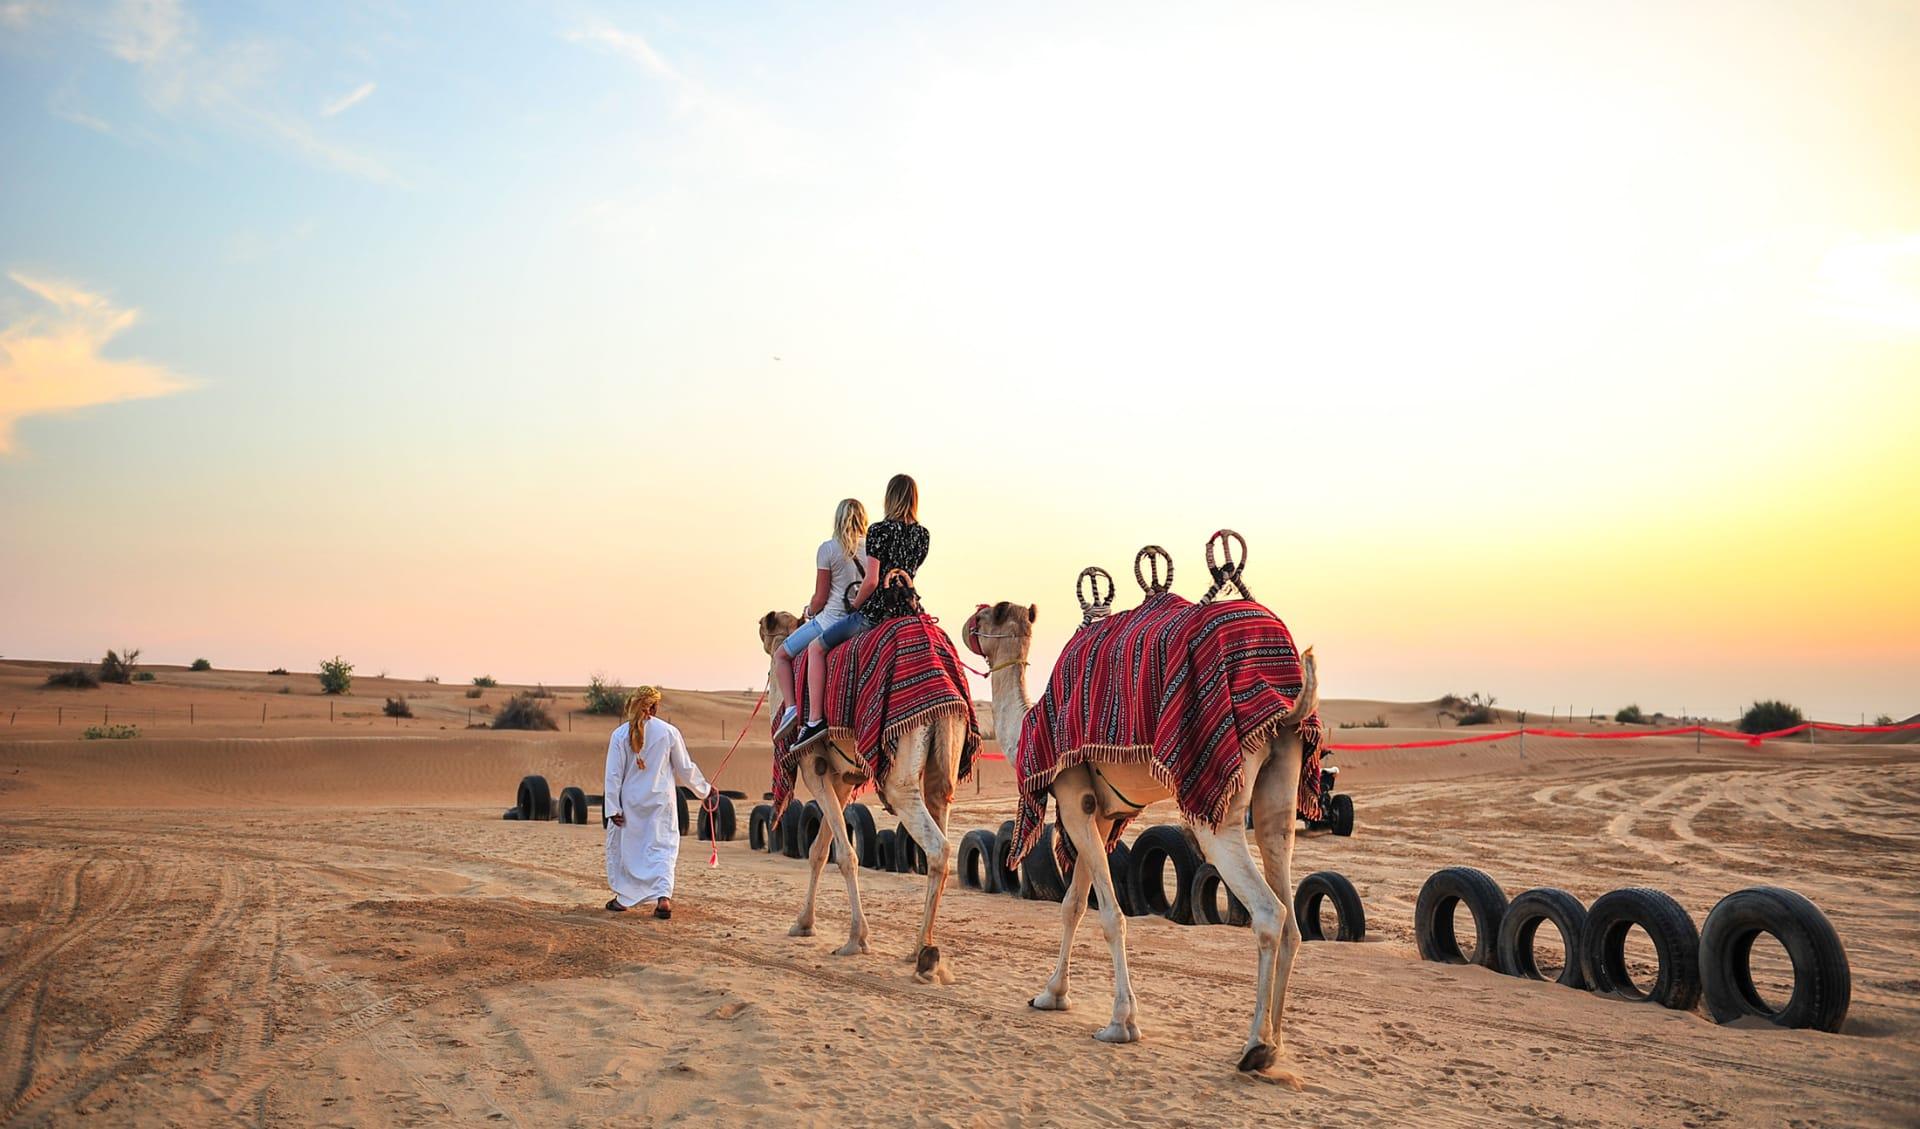 Sahara, Dubai